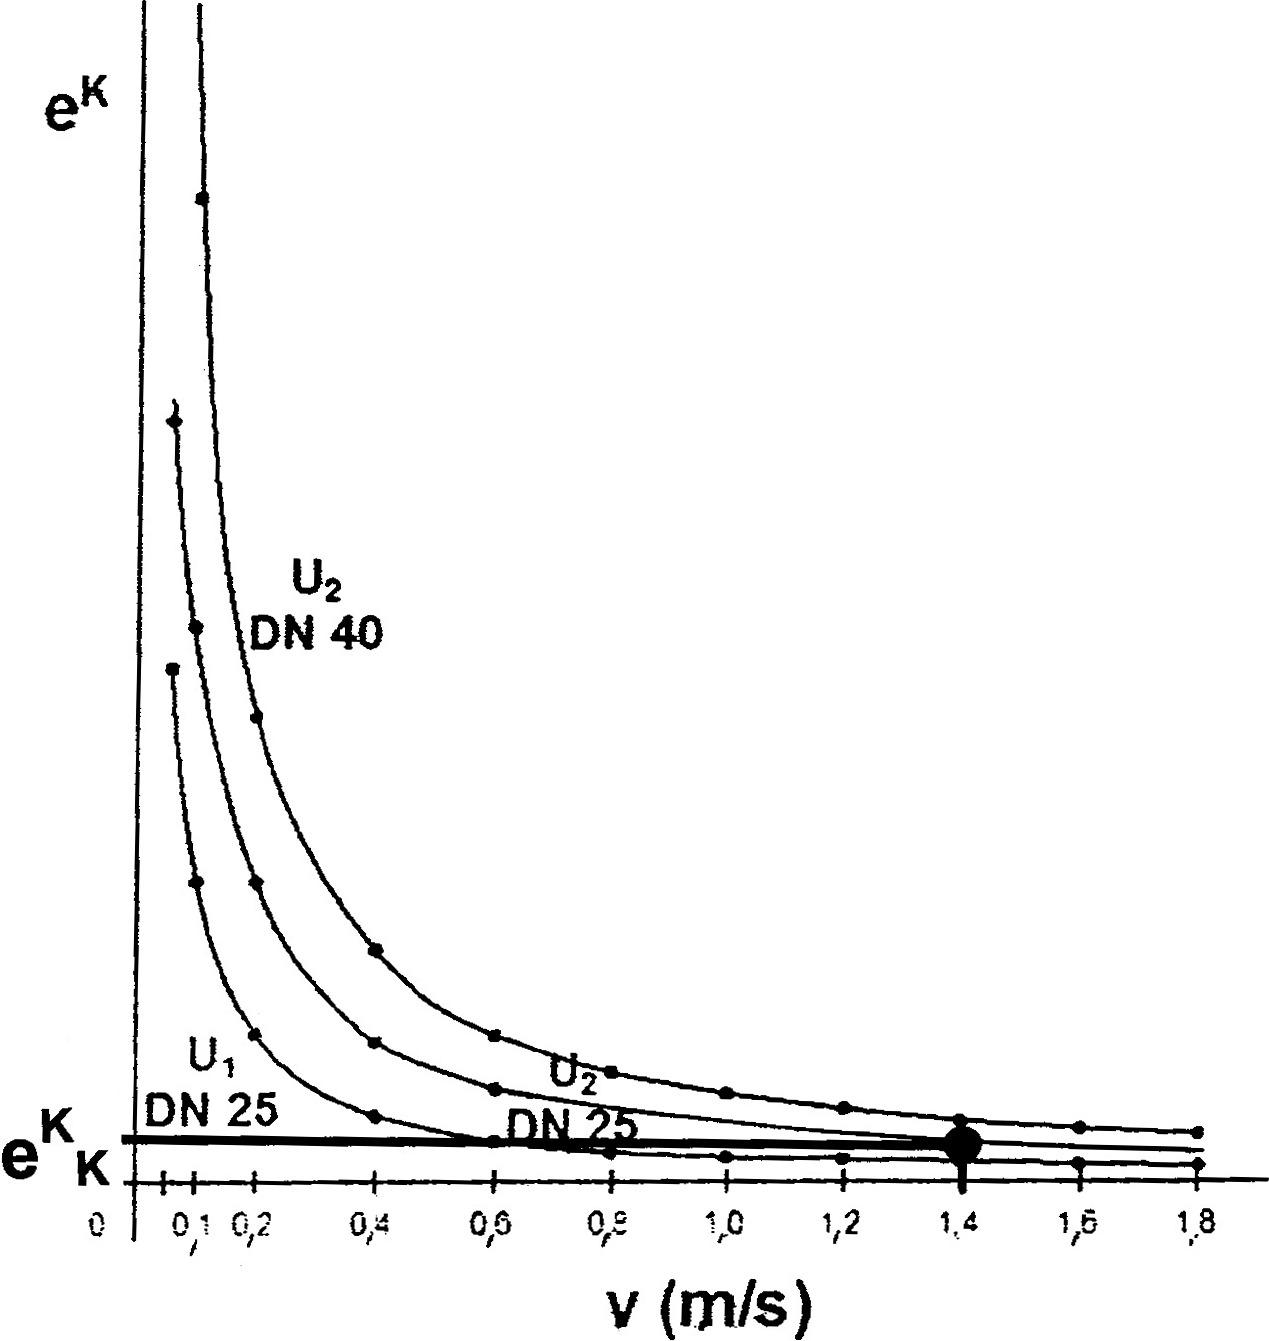 Výpočet rychlosti proudění vzduchu v potrubí